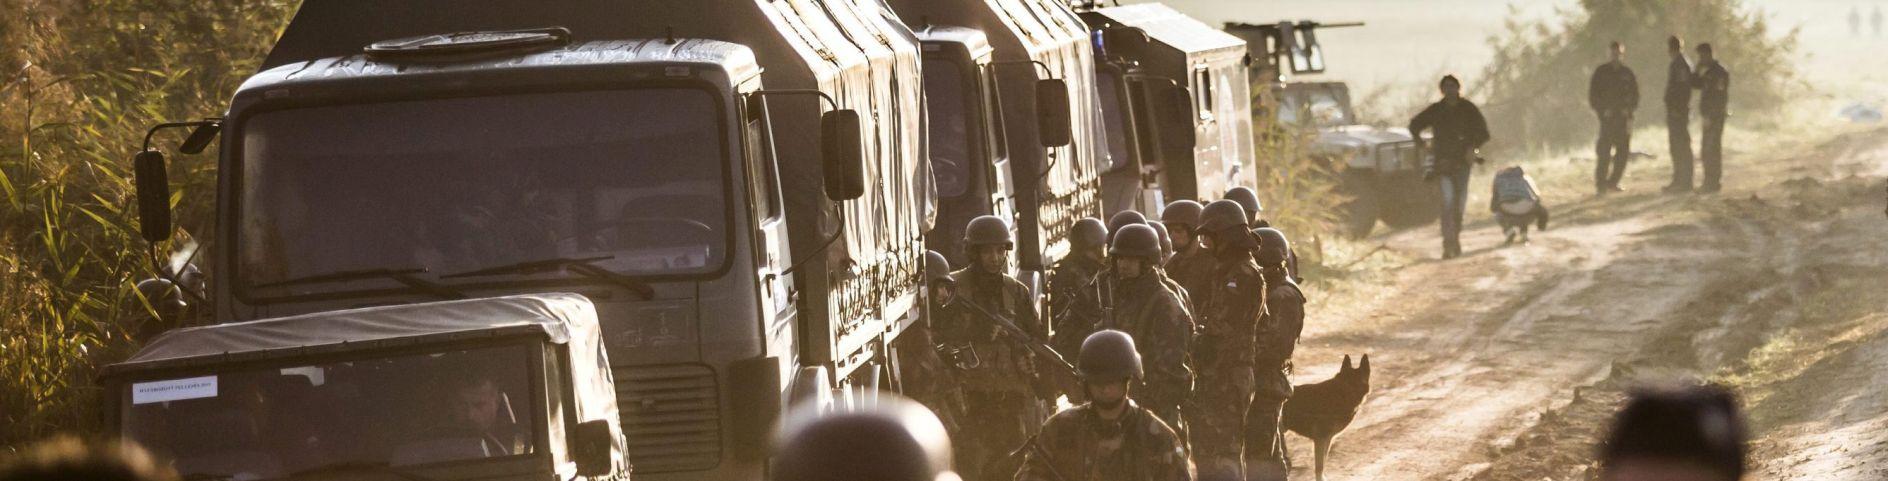 ZRAKOPLOVSTVO, PJEŠAŠTVO I KONJICA Mađari blokirali granicu s Srbijom